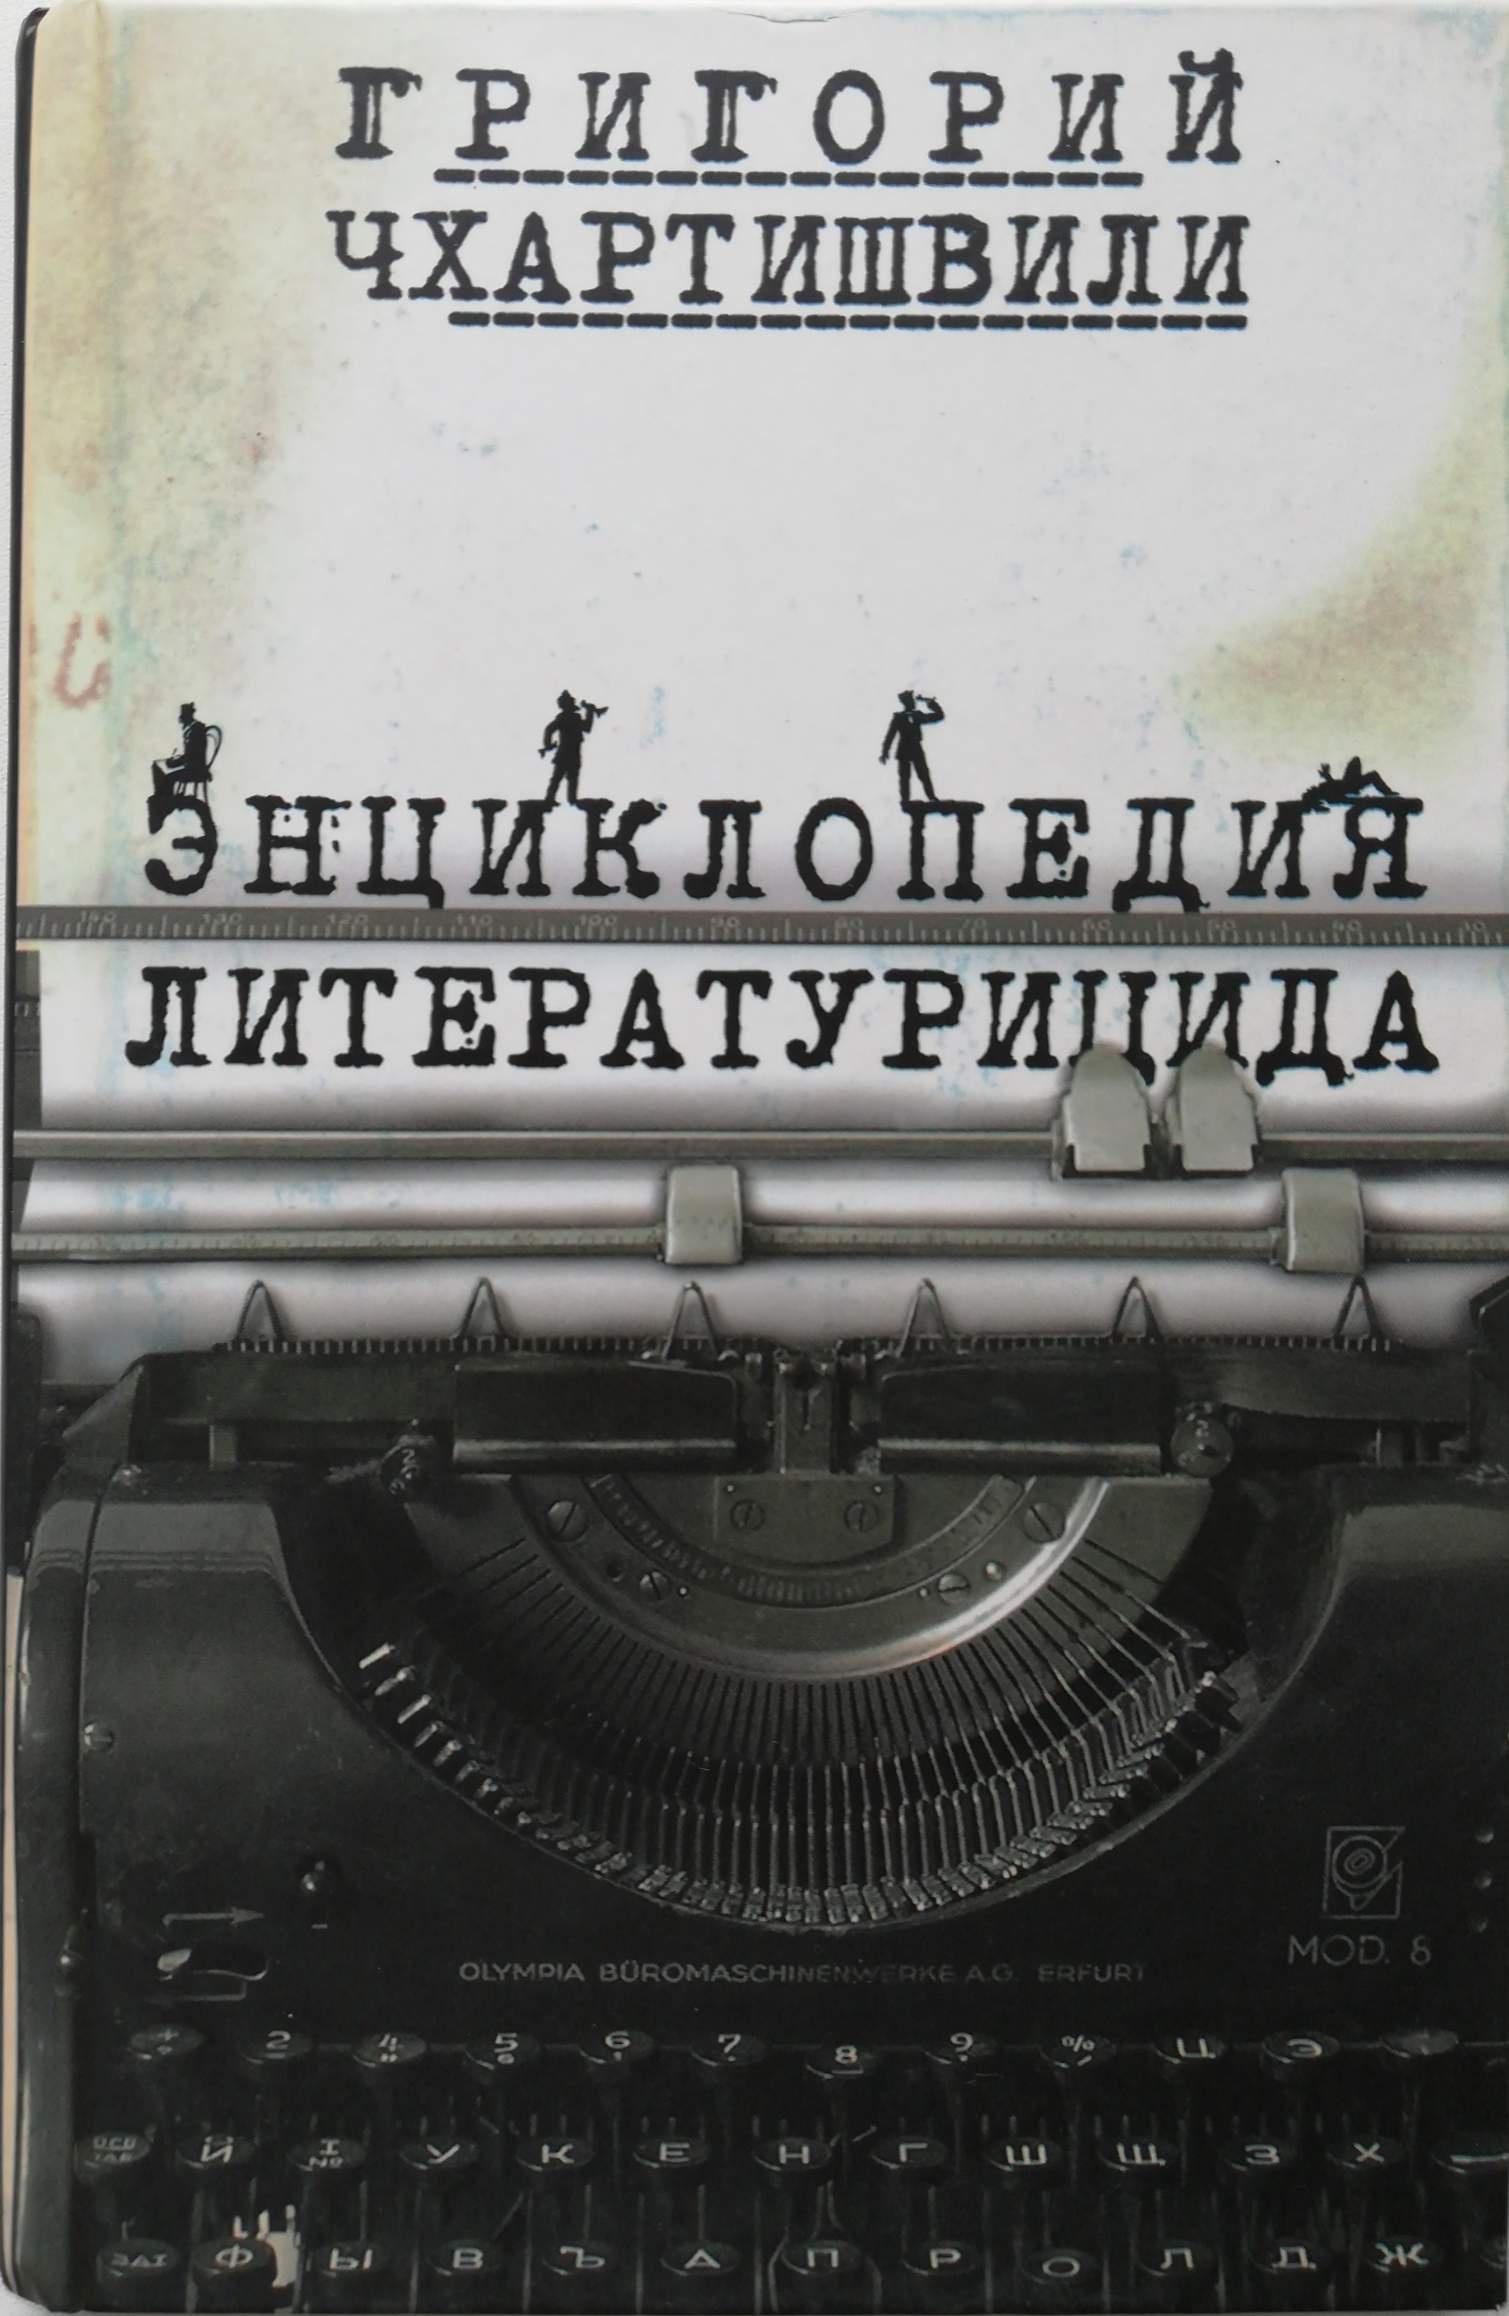 Григорий Чхартишвили Энциклопедия литературицида